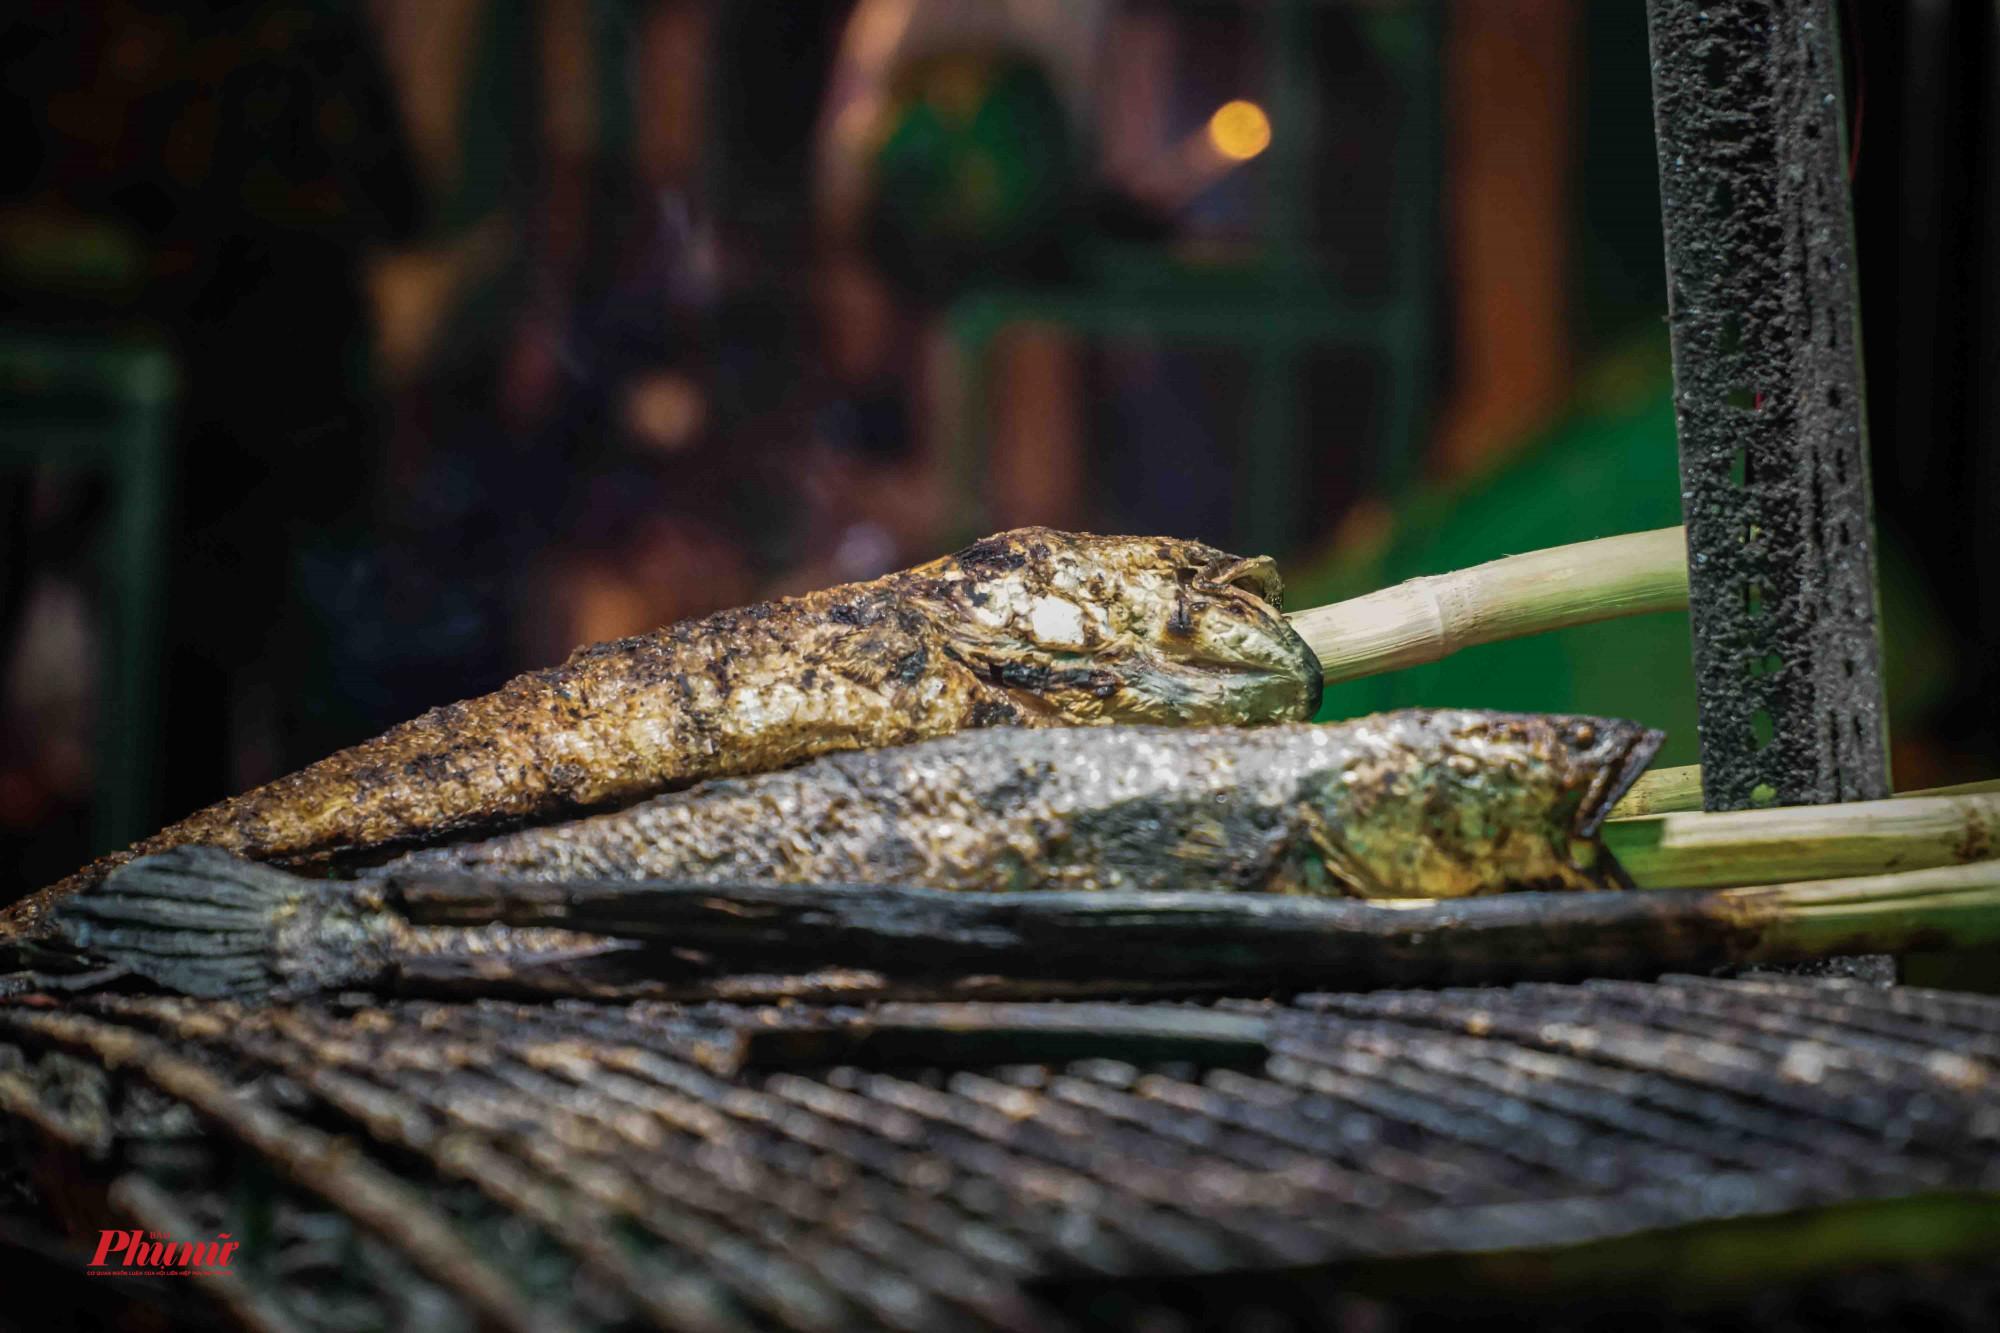 Giá cá lốc từ 100-200.000 bao gồm: Cá, bún, rau rừng, bánh tráng, nước chấm.